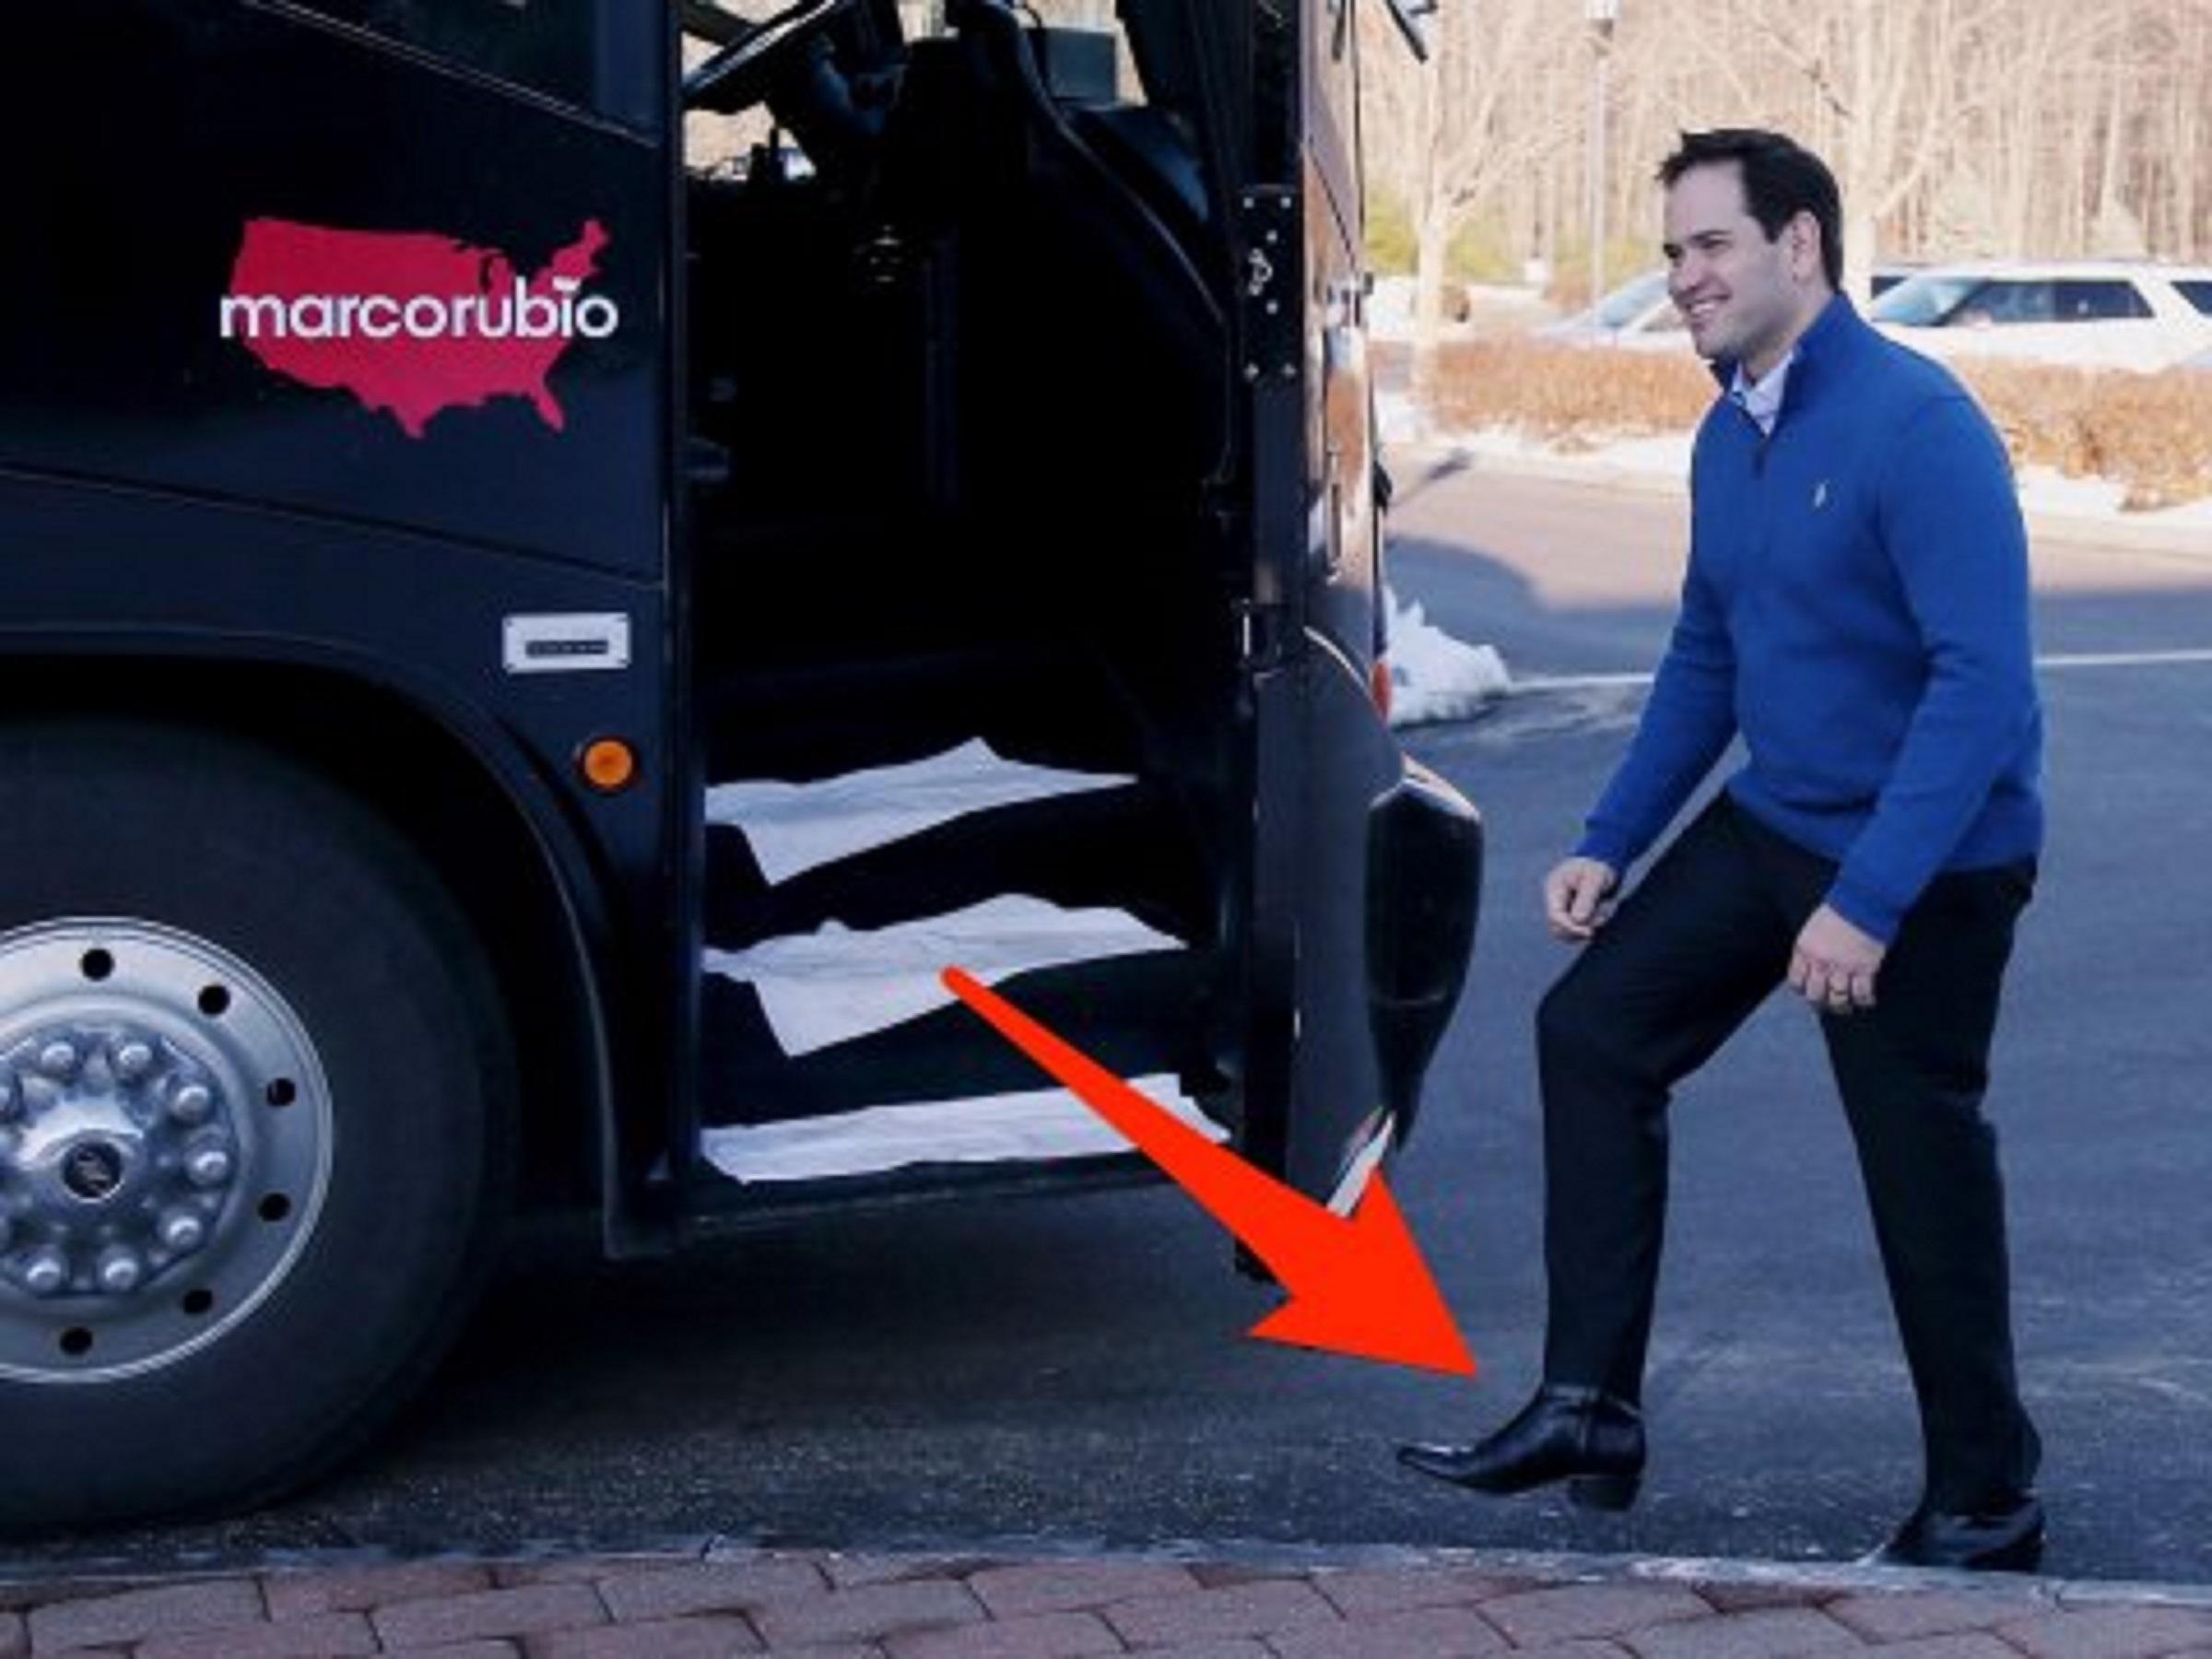 کفشها، سلاح مخفی سیاستمداران برای قدرتنمایی!